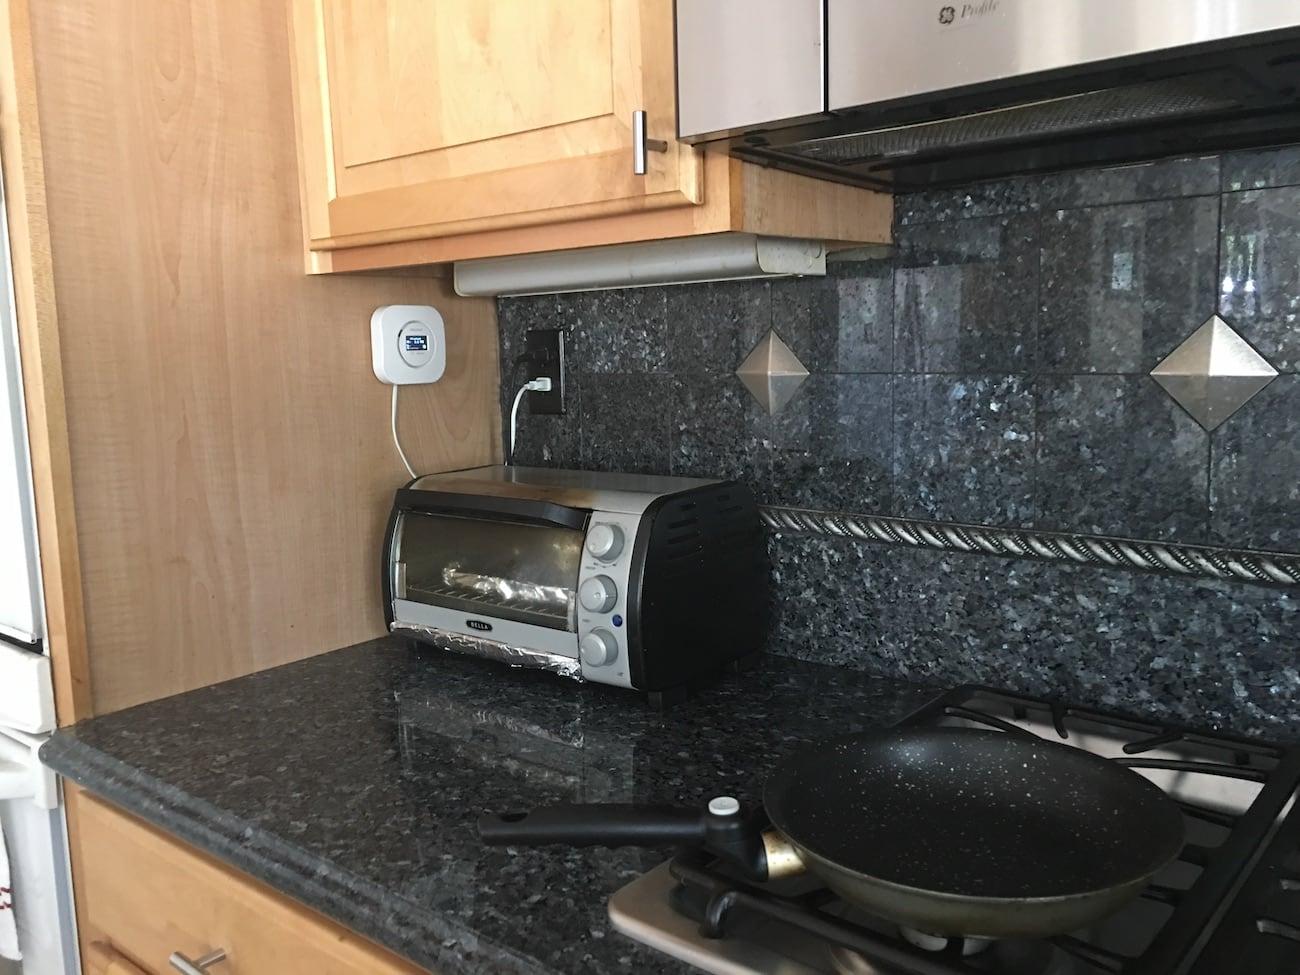 wiscloud smart home system gadget flow. Black Bedroom Furniture Sets. Home Design Ideas